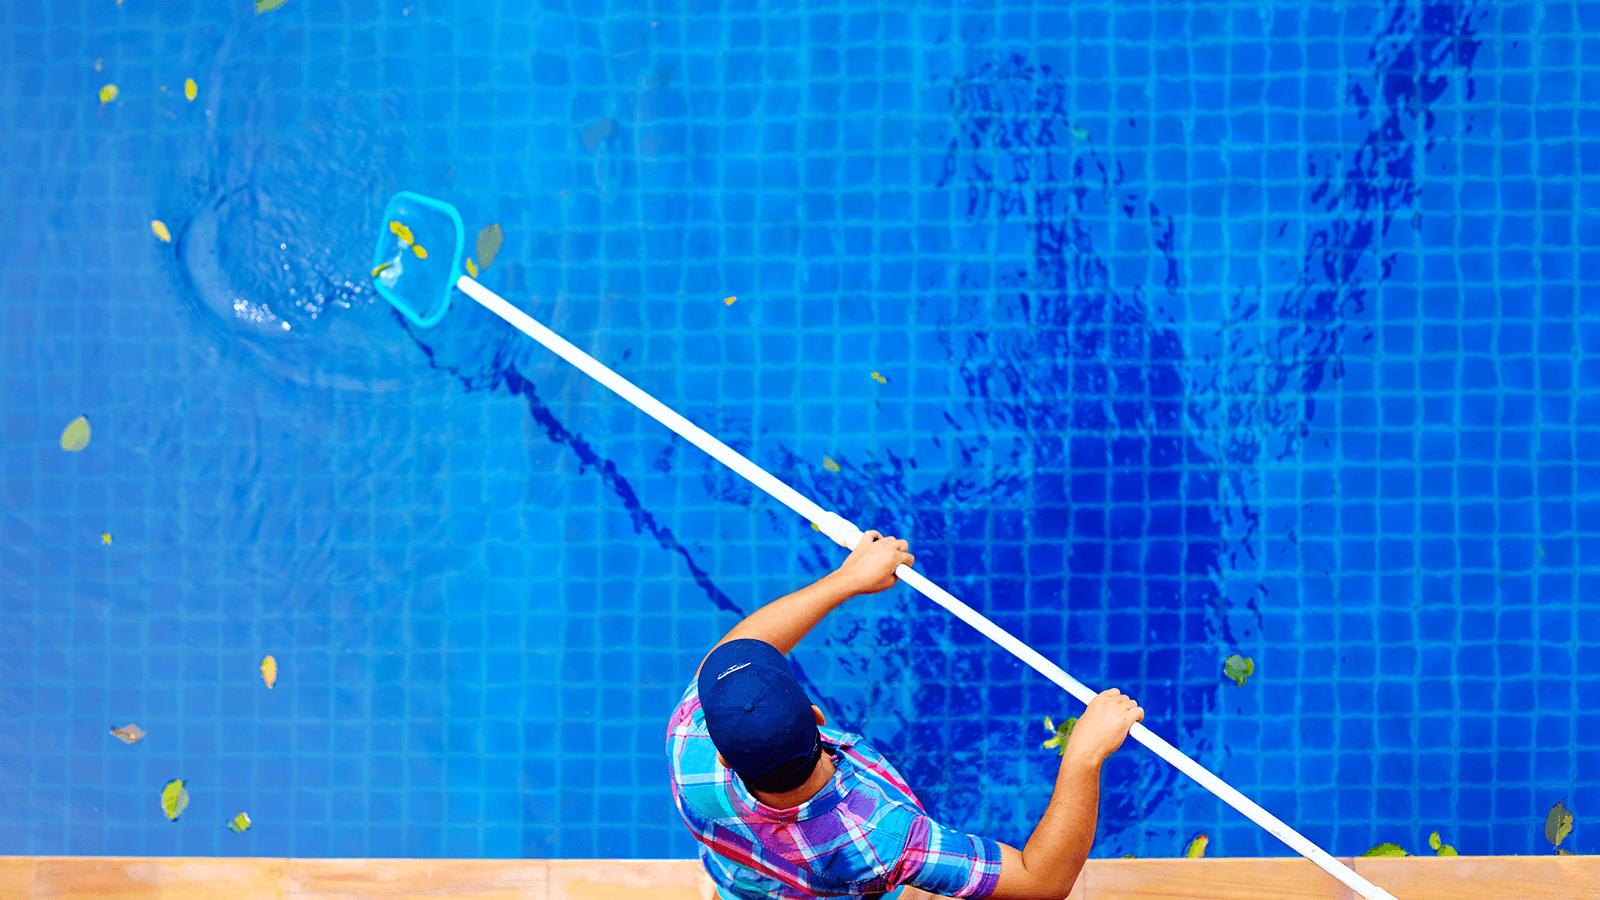 un uomo che pulisce una piscina con un retino